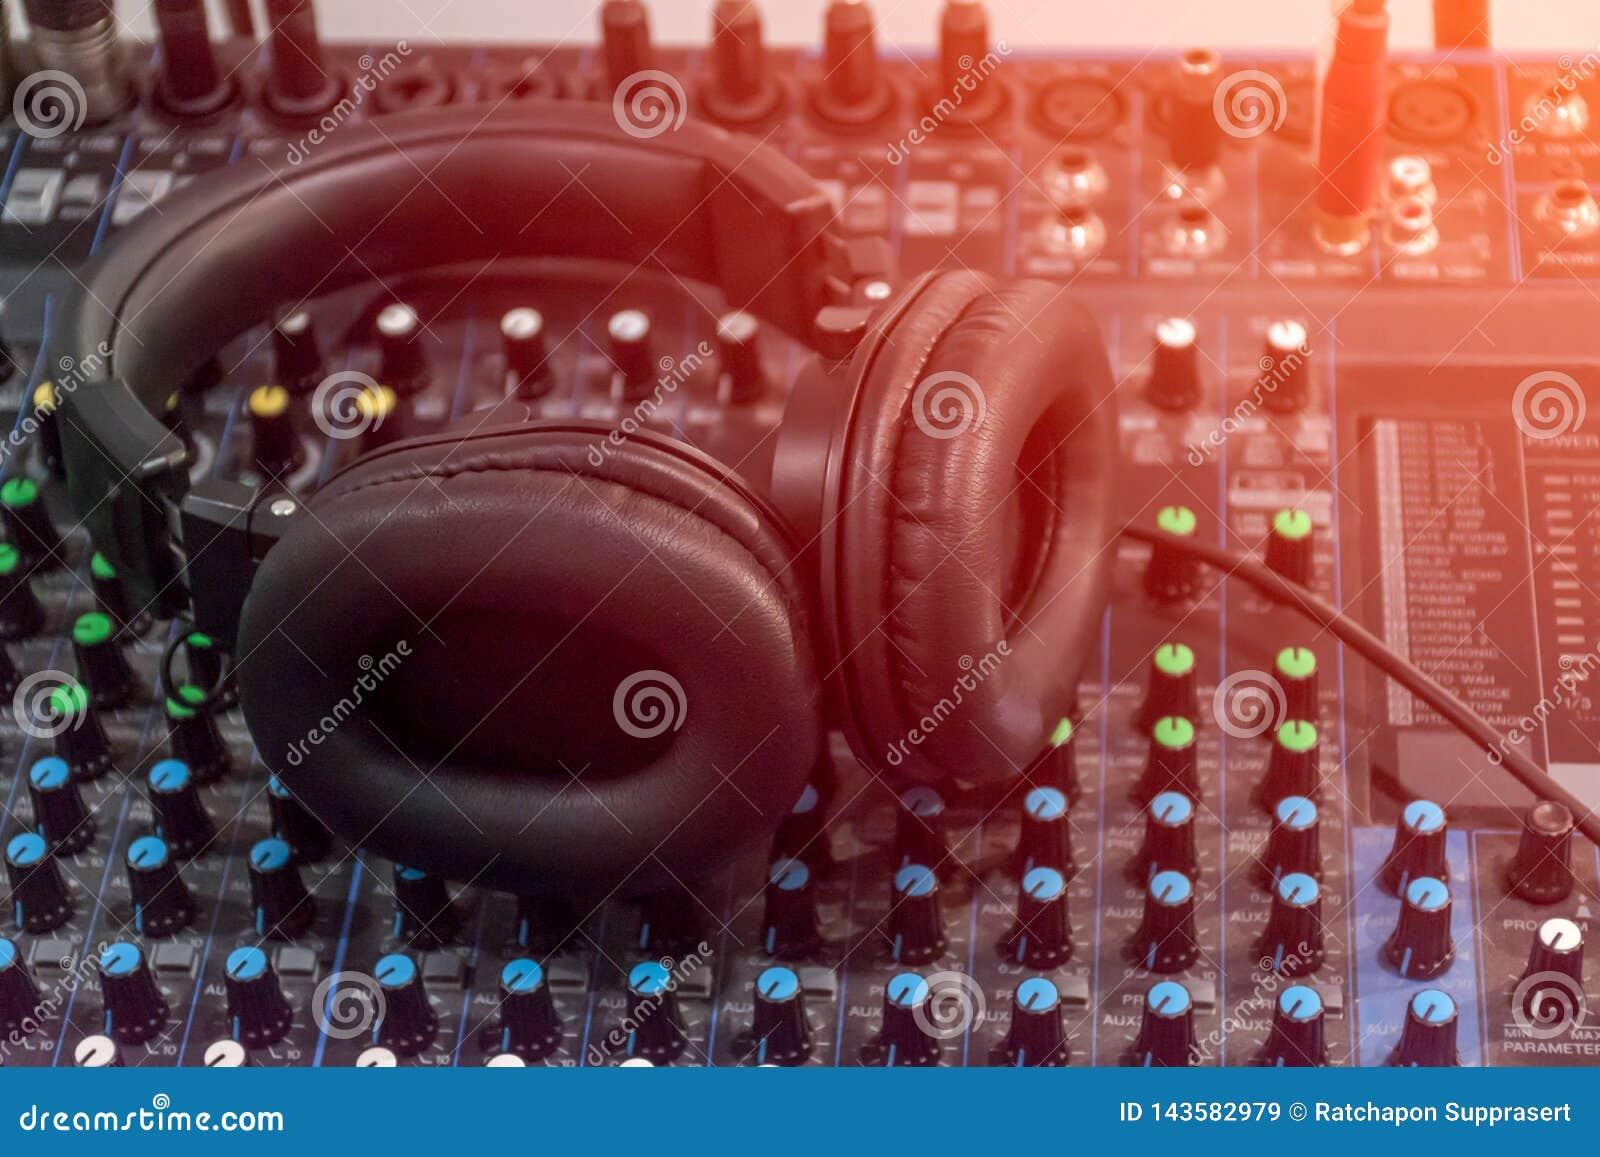 Mixer Audio Sound